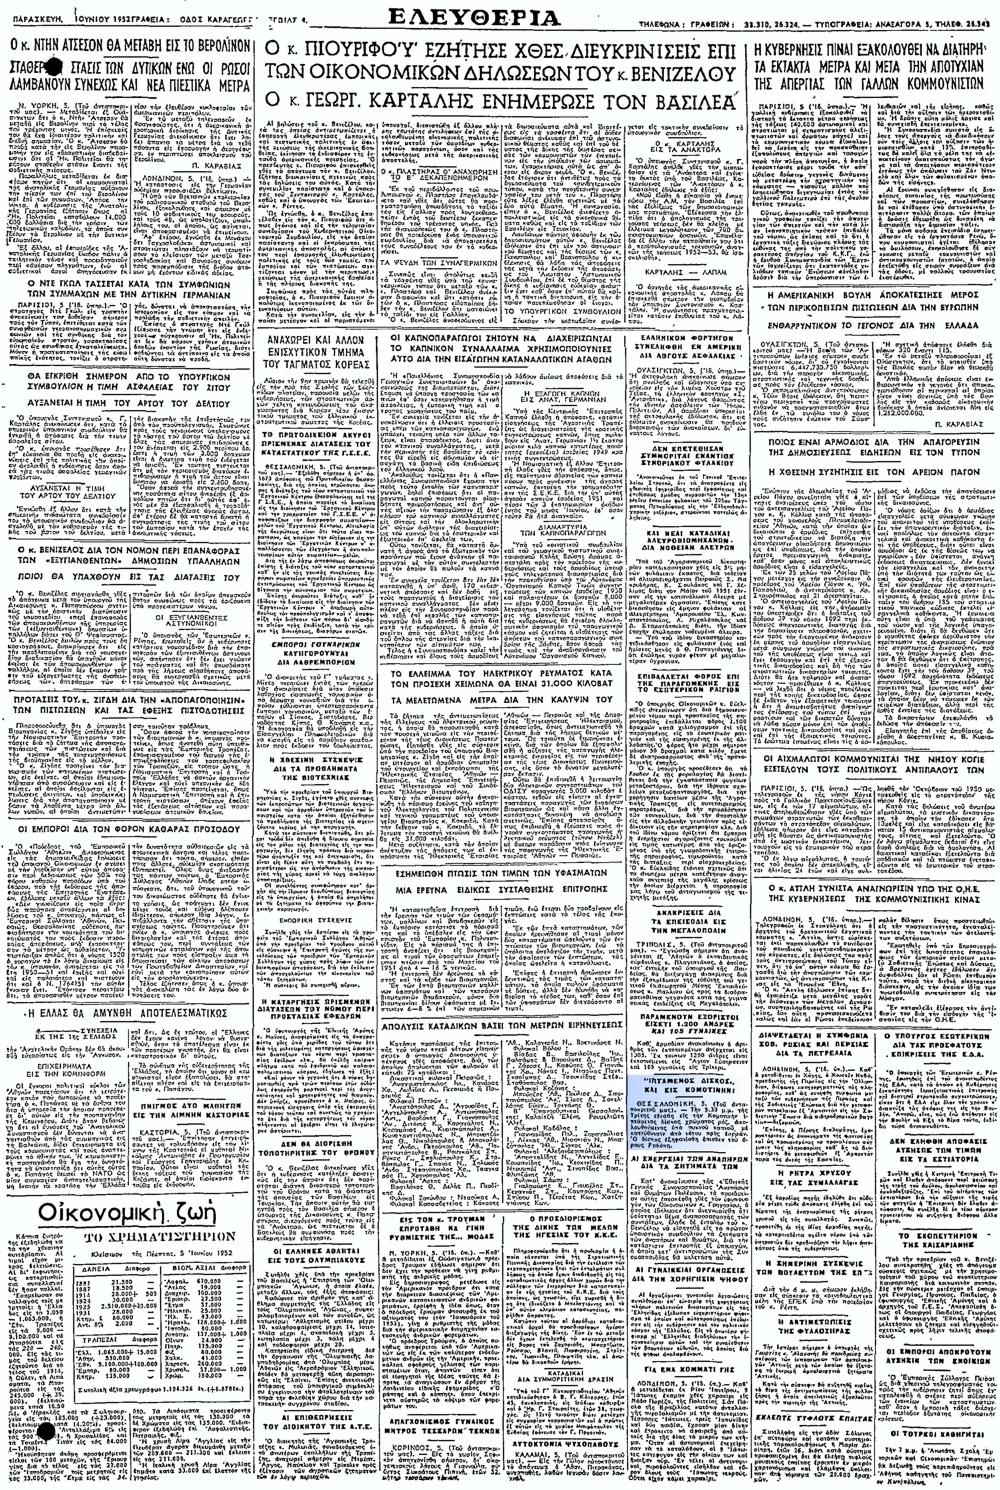 """Το άρθρο, όπως δημοσιεύθηκε στην εφημερίδα """"ΕΛΕΥΘΕΡΙΑ"""", στις 06/06/1952"""